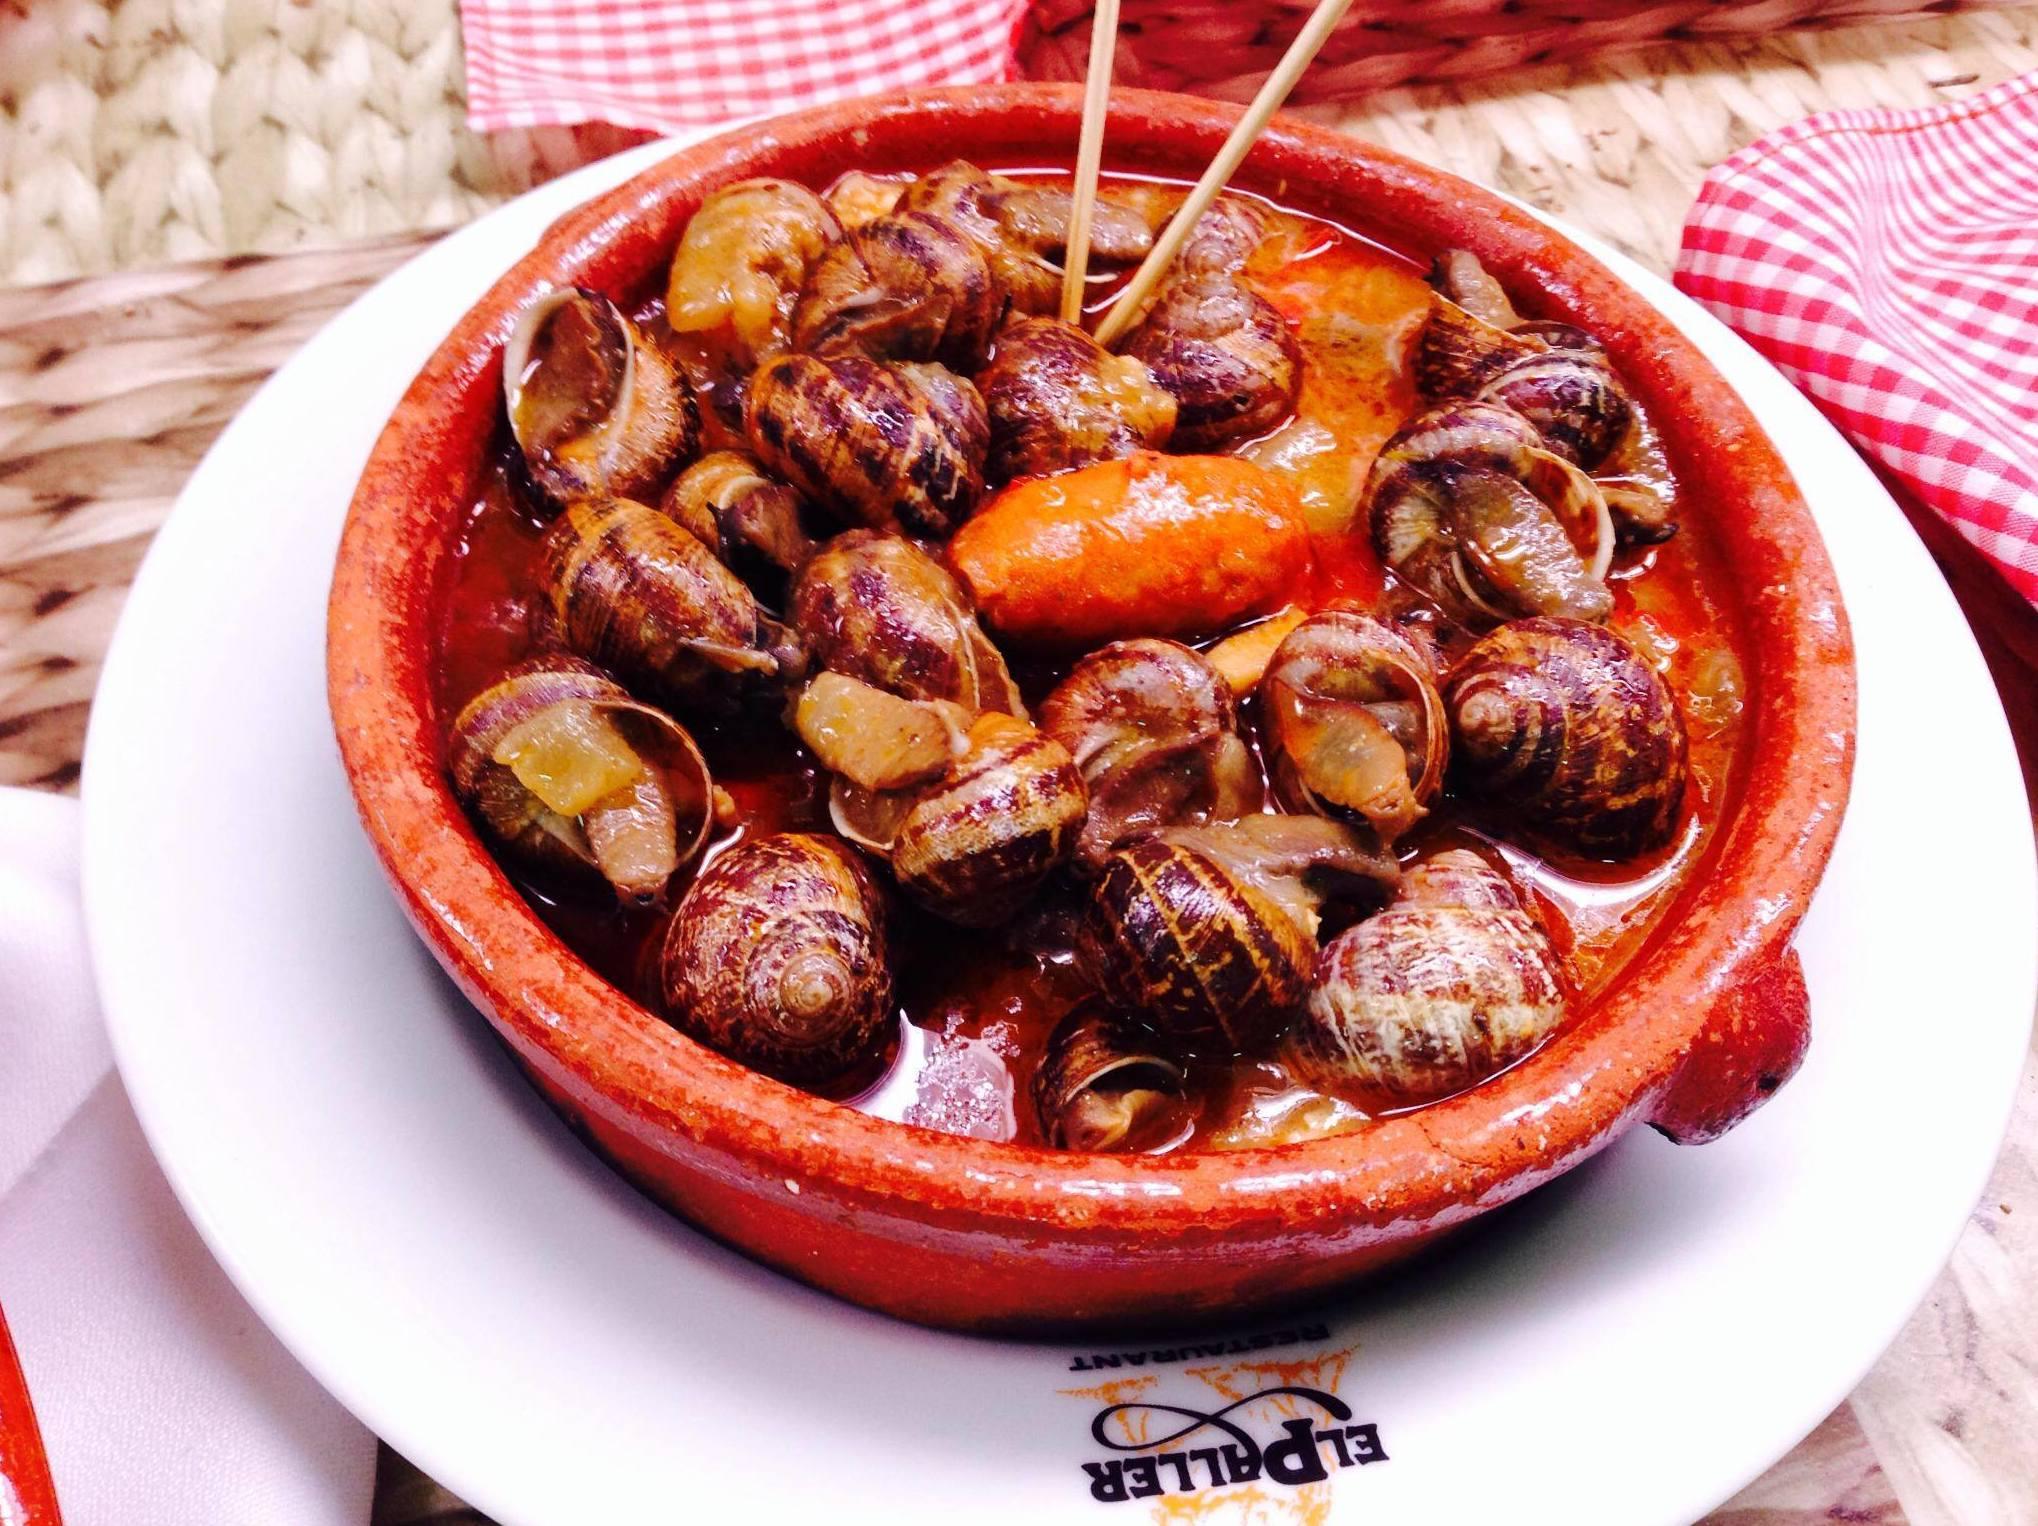 Restaurante de cocina tradicional catalana  en Premià de Mar